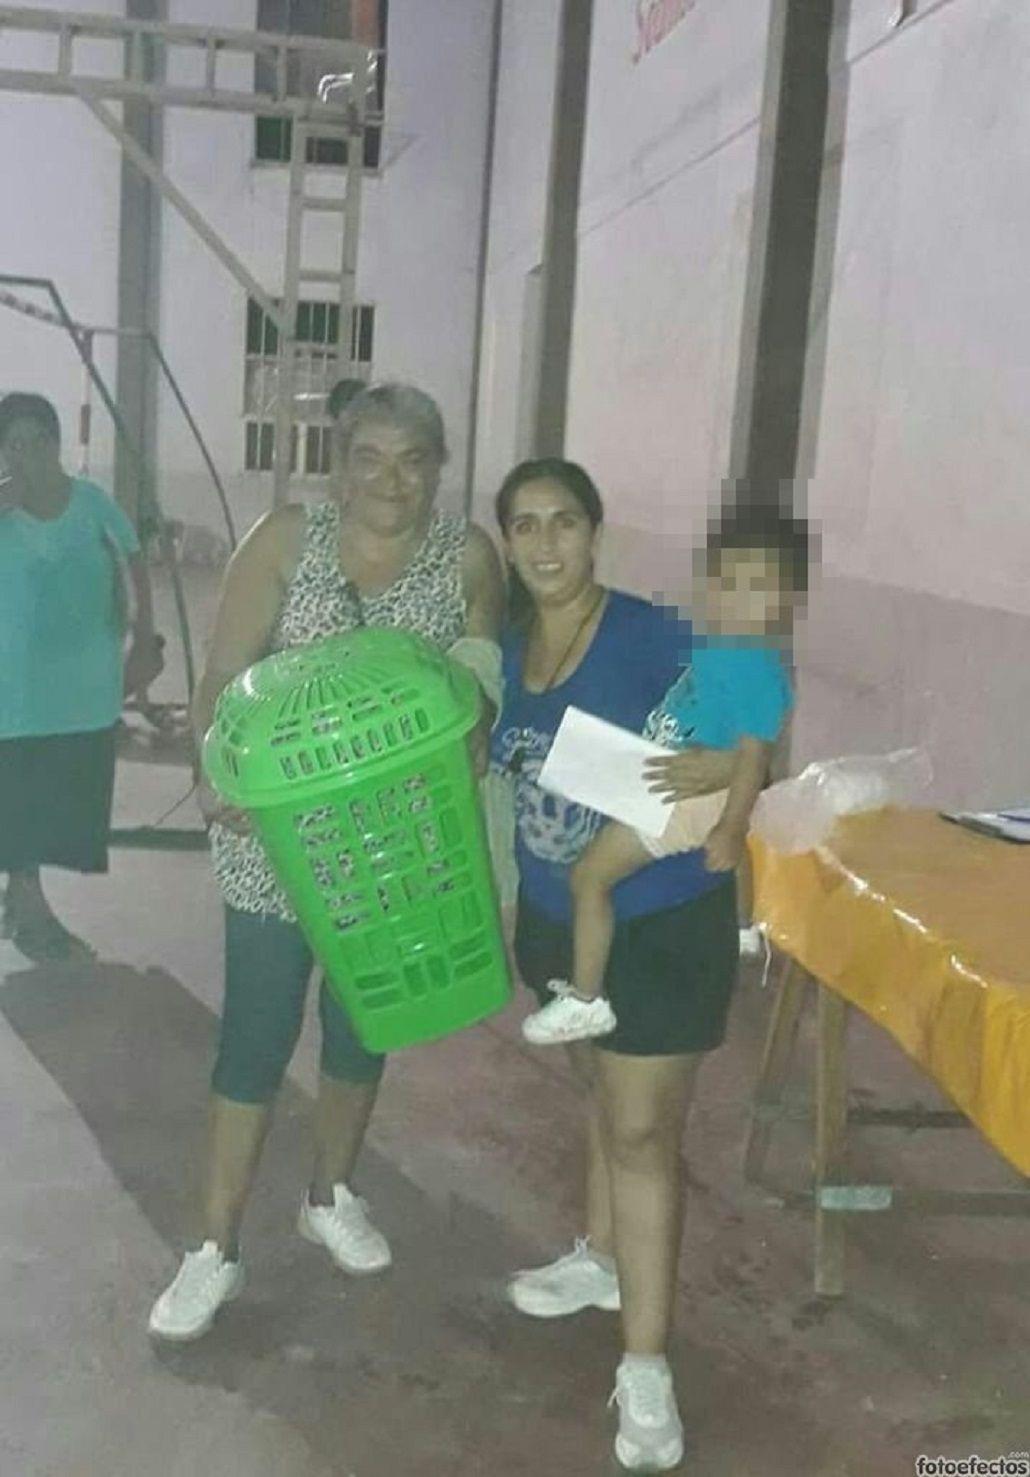 Un intendente regaló escobas y cestos para ropa por el Día de la Mujer